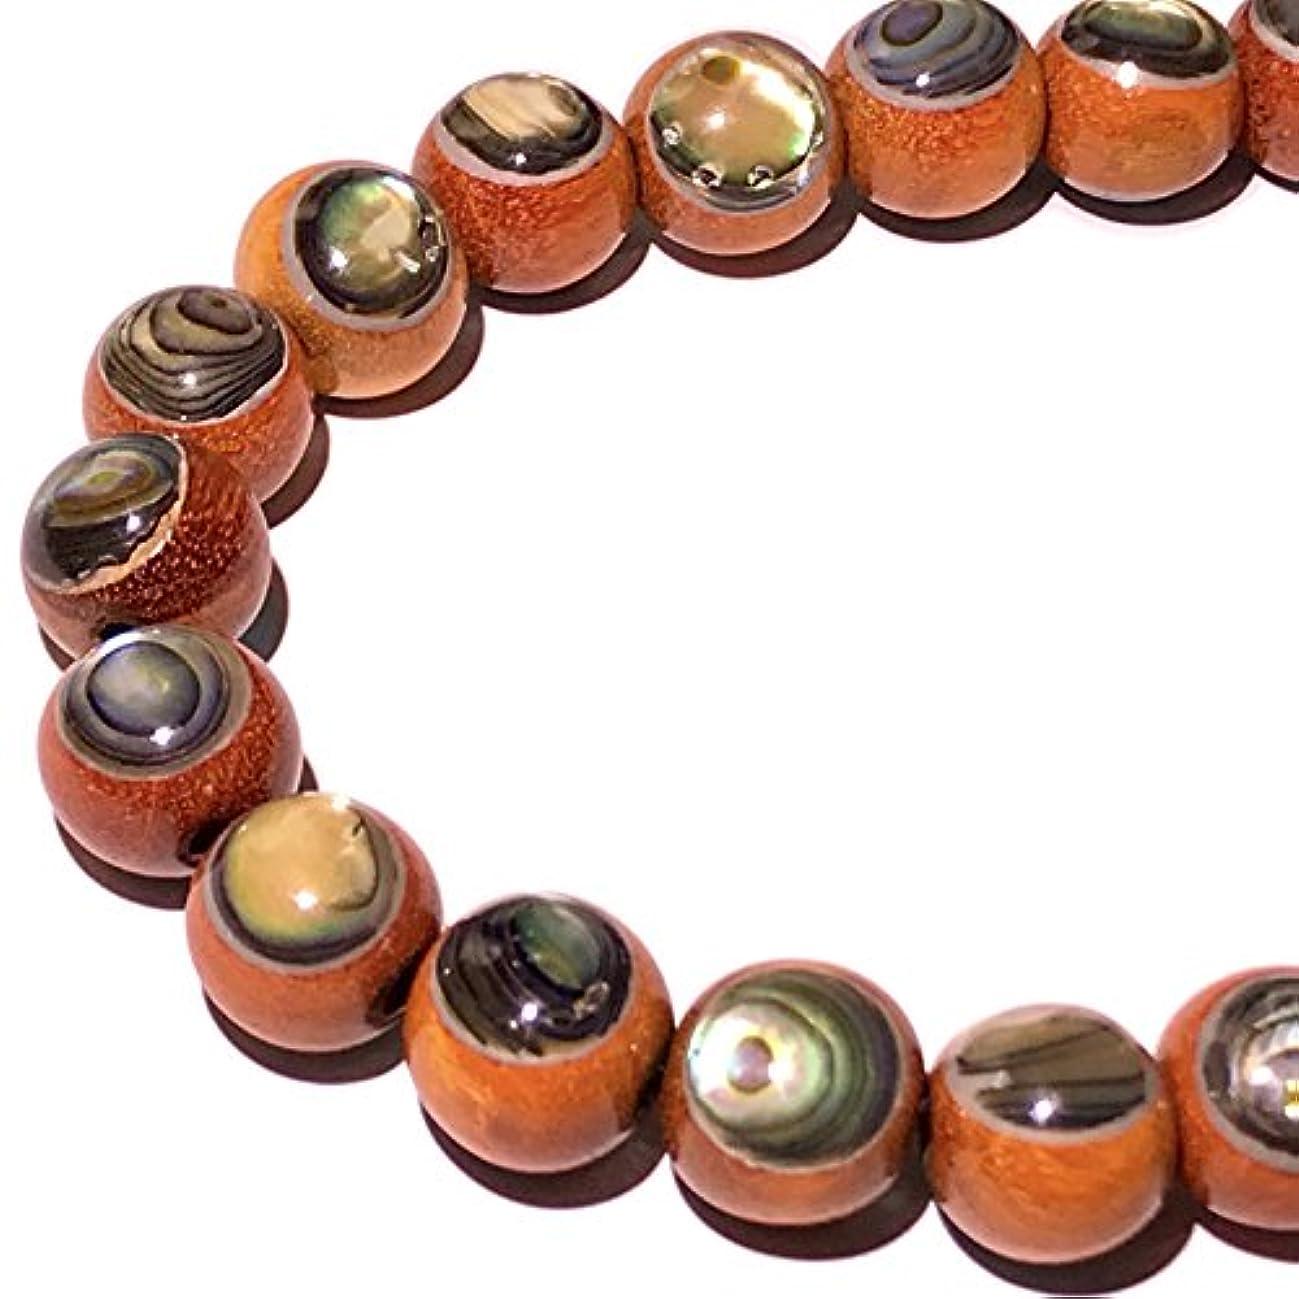 [ABCgems] Rare Papaya Sibucao Hardwood (New Zealand Abalone Front & Back Inlaid) 12mm Smooth Round (18-19 Focal Beads Wholesale Lot)